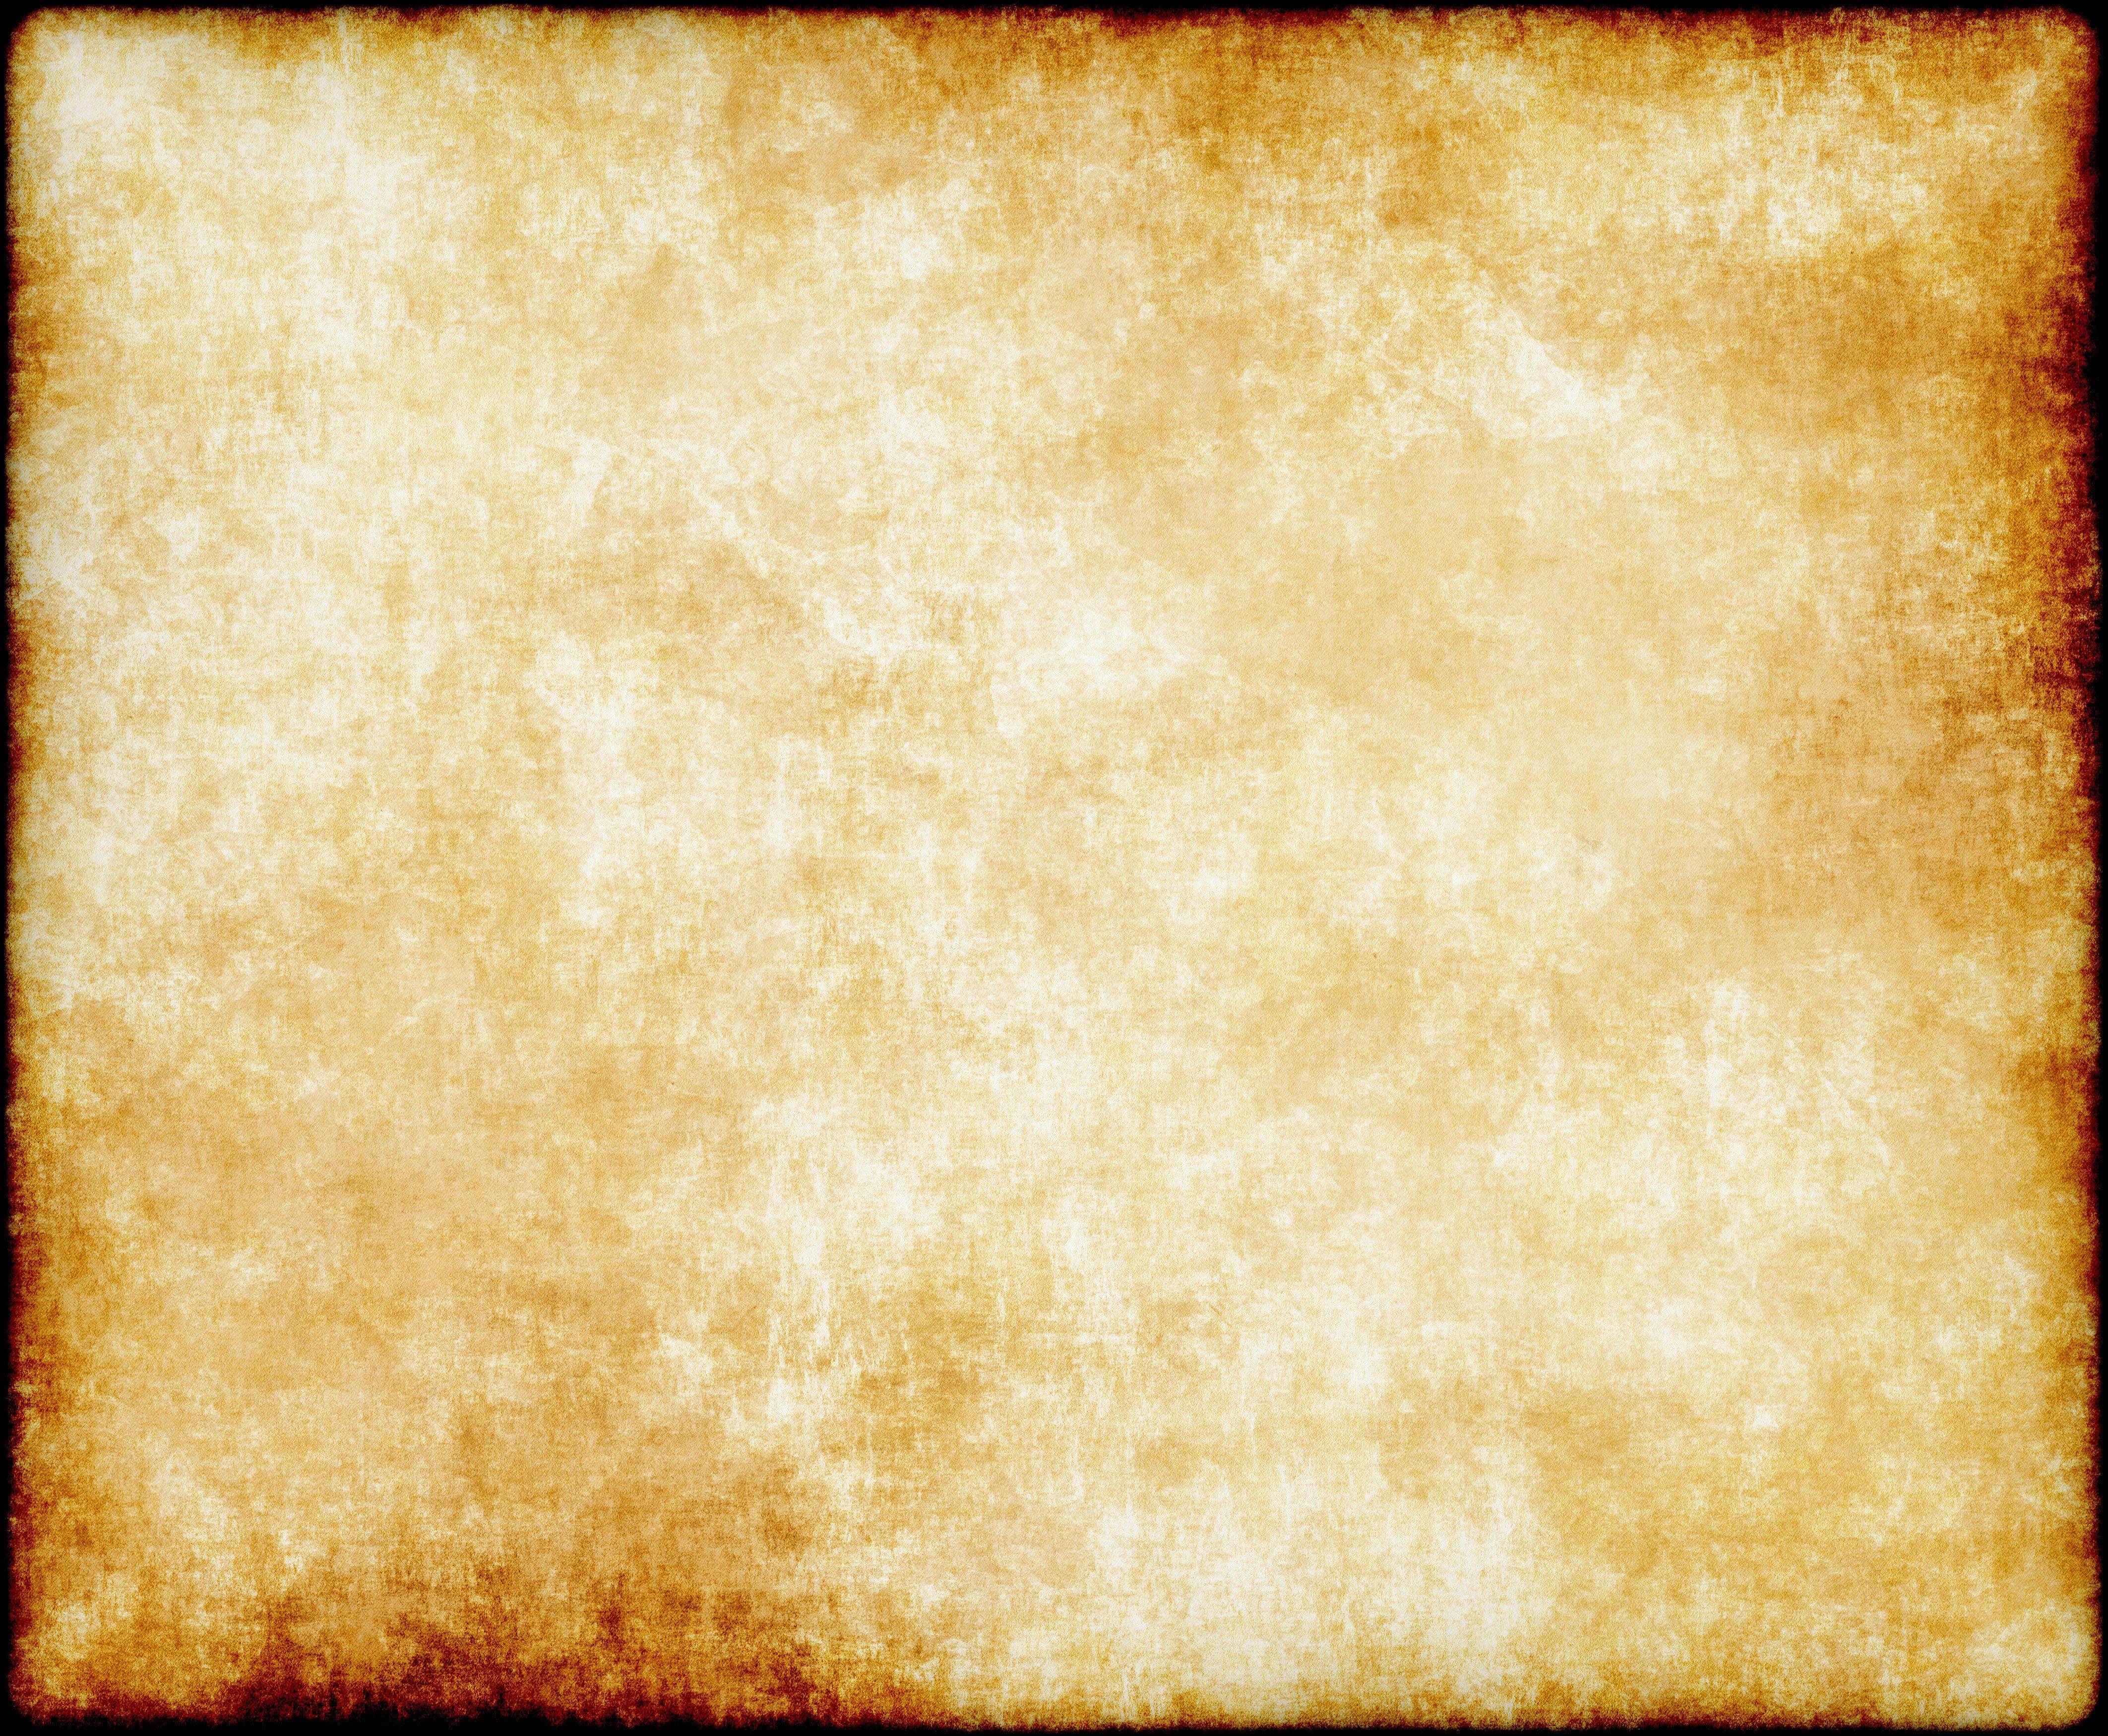 Parchment paper photo